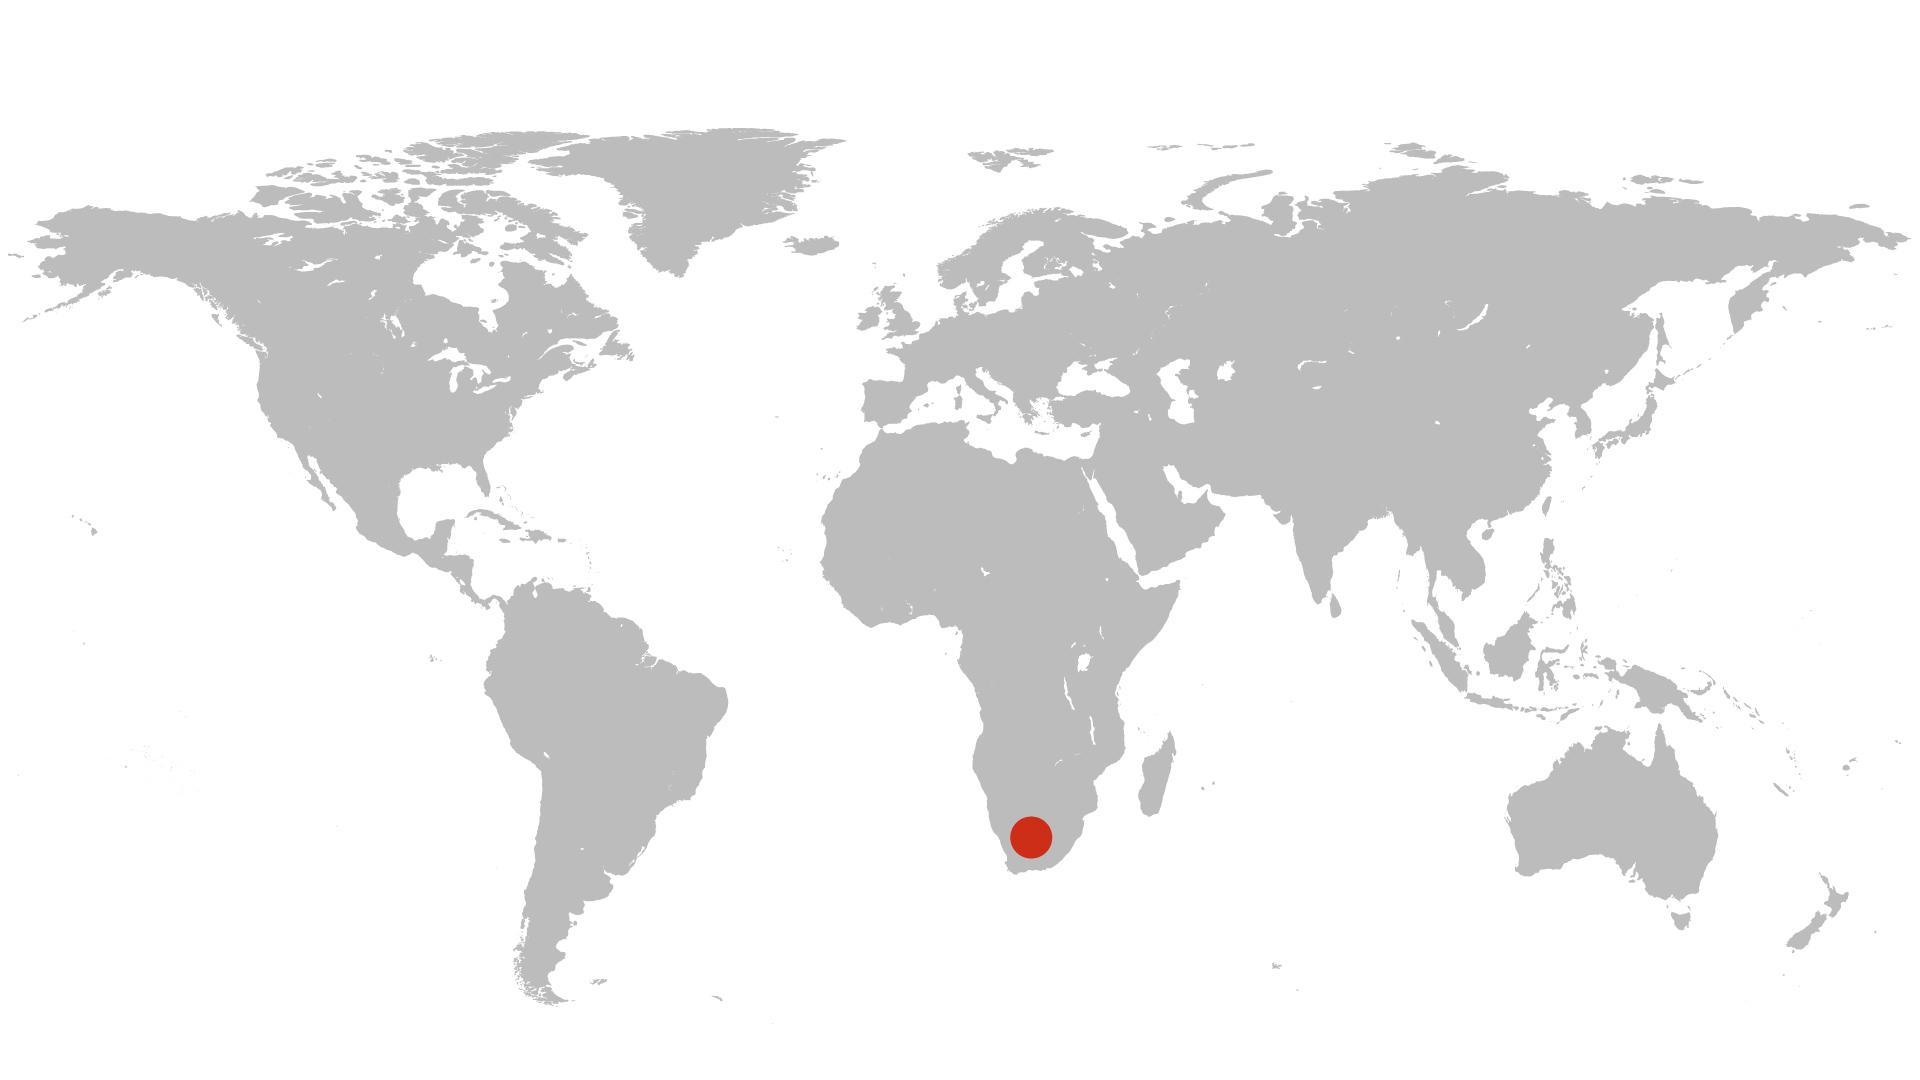 JB_WEB_World_Map_D02_Africa.jpg